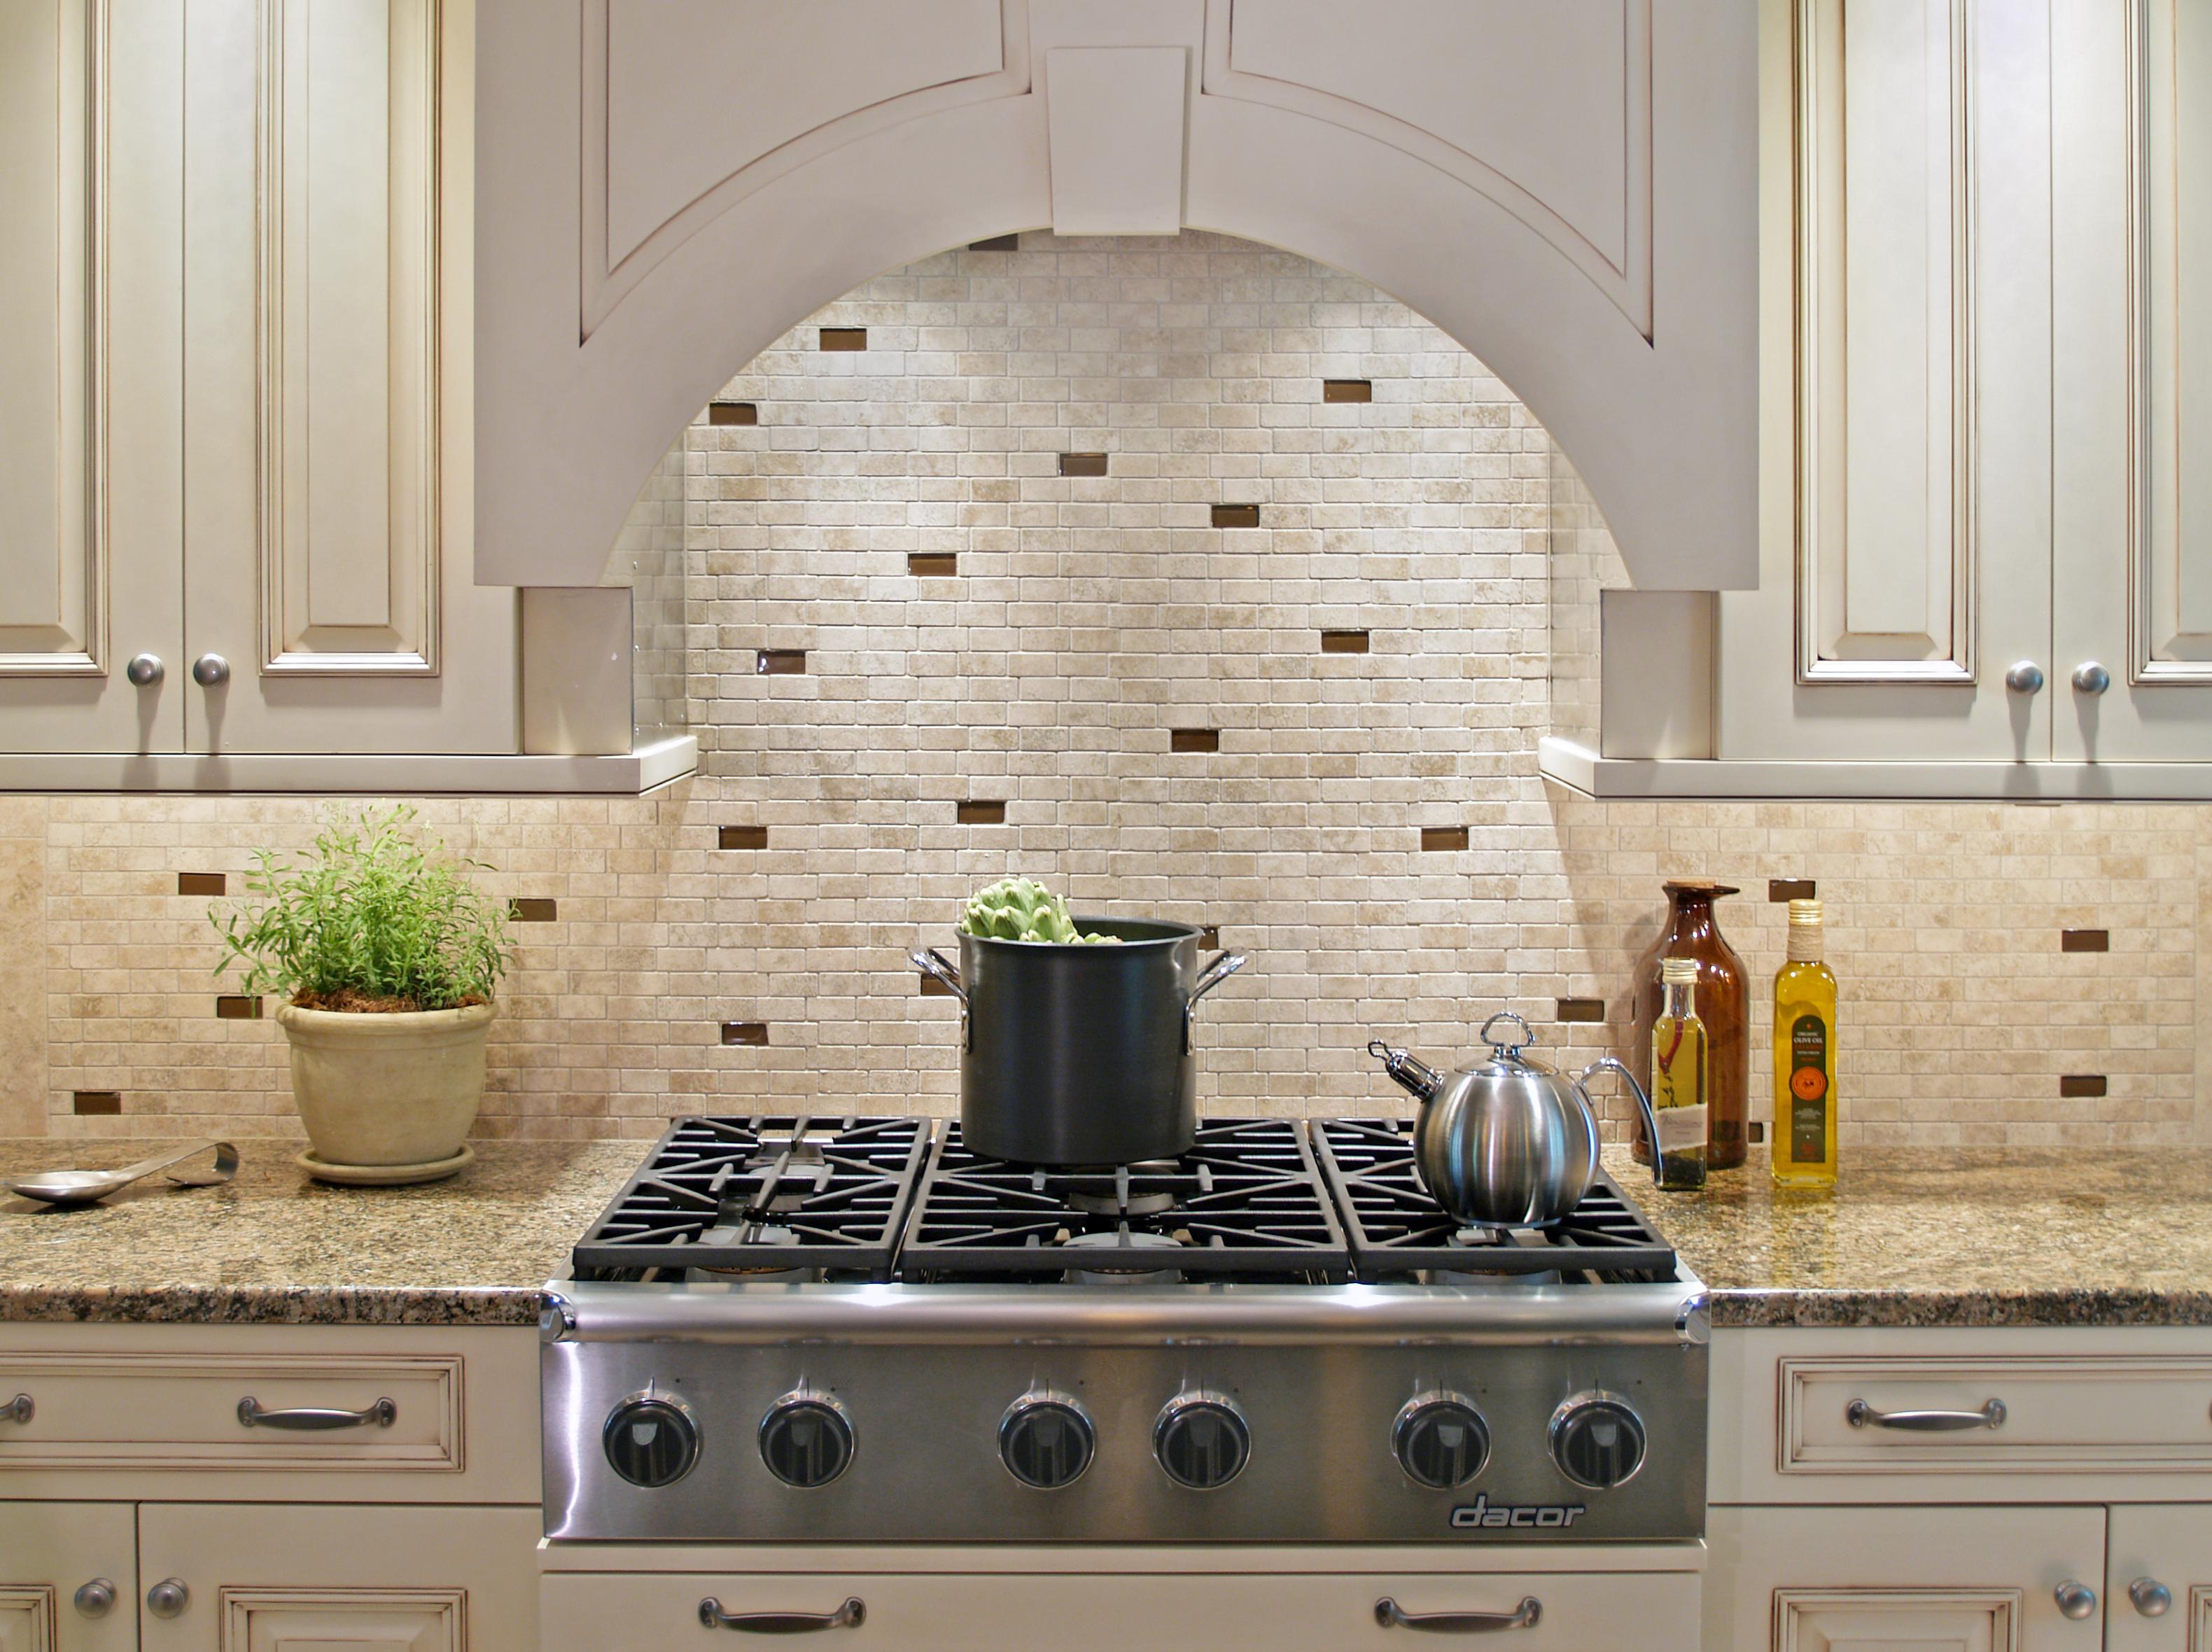 Kitchen Backsplash New in House Designer bedroom